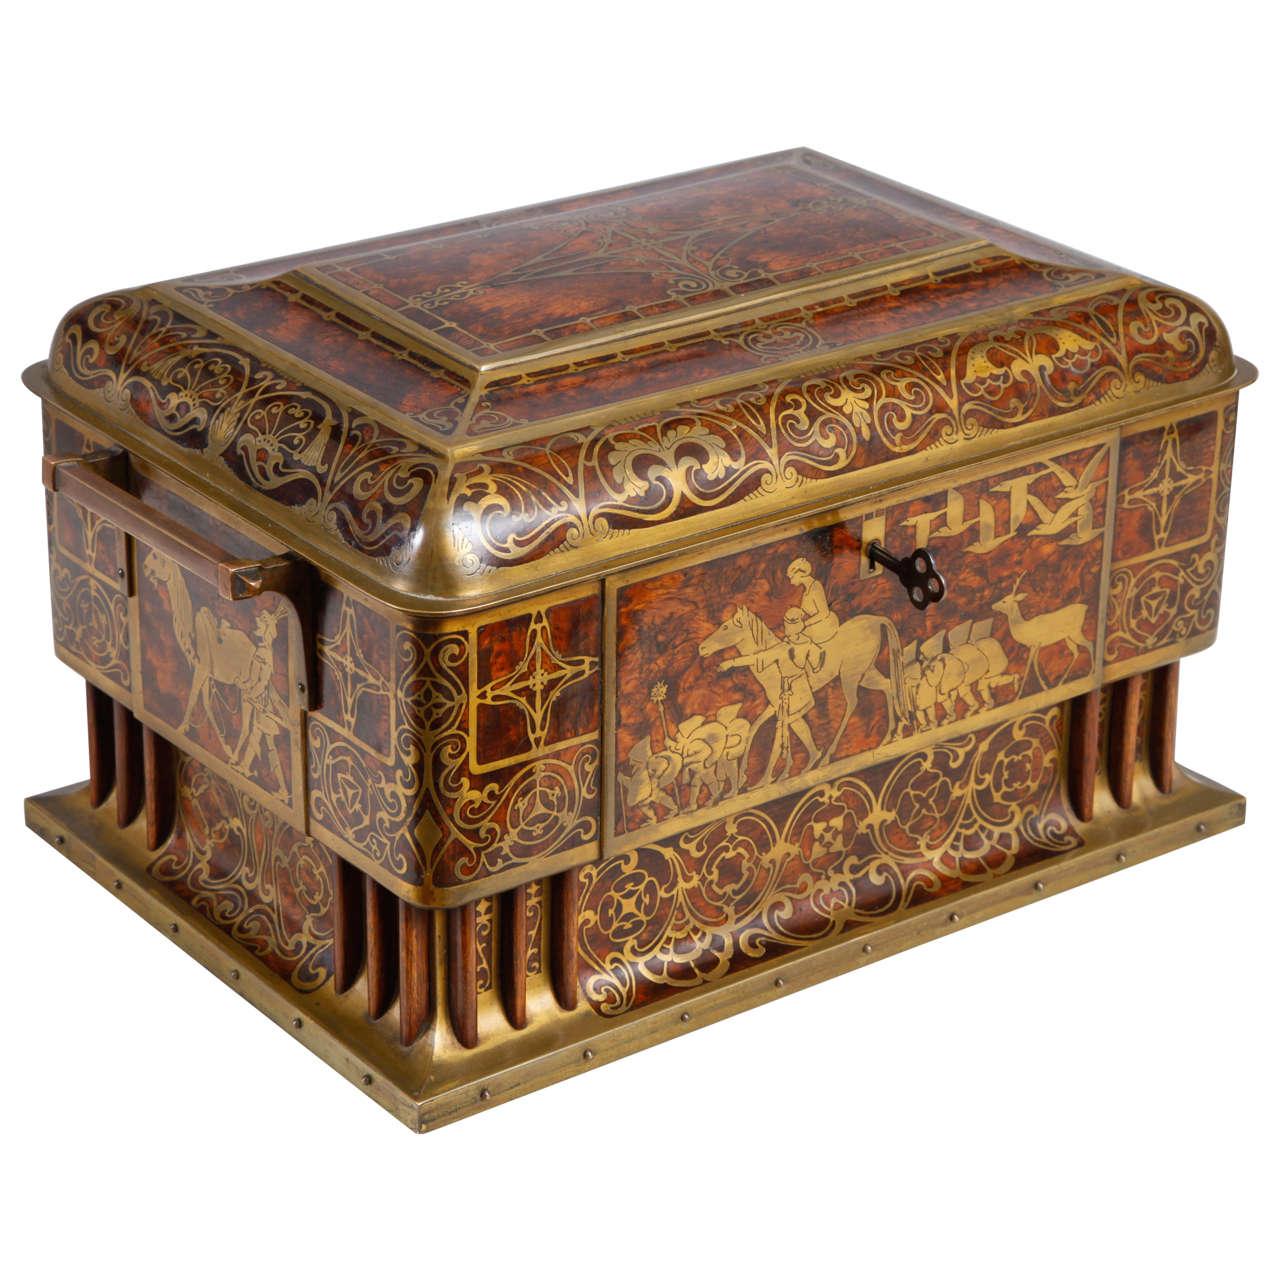 art nouveau table casket by erhard and s hne at 1stdibs. Black Bedroom Furniture Sets. Home Design Ideas